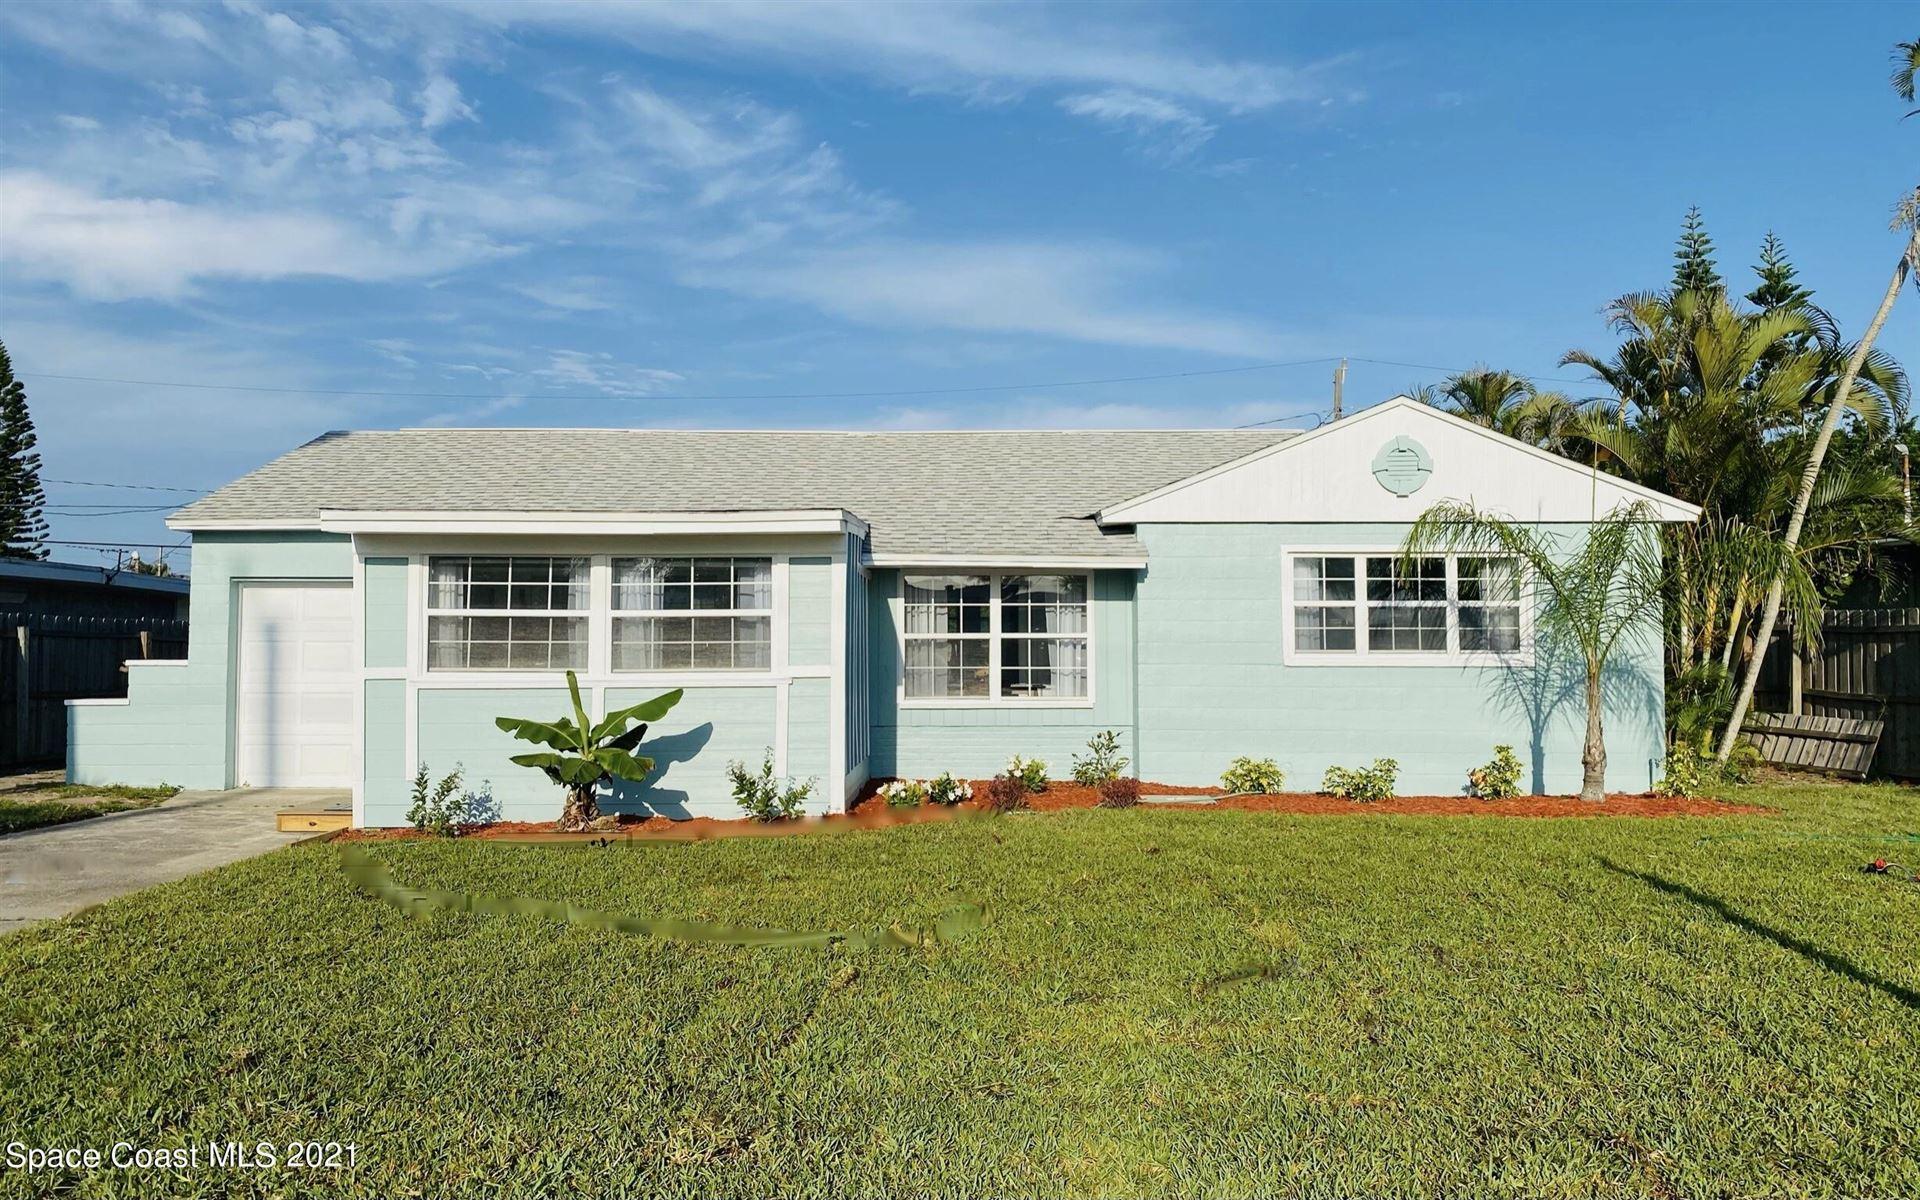 Photo for 1025 S Orlando Avenue, Cocoa Beach, FL 32931 (MLS # 903041)